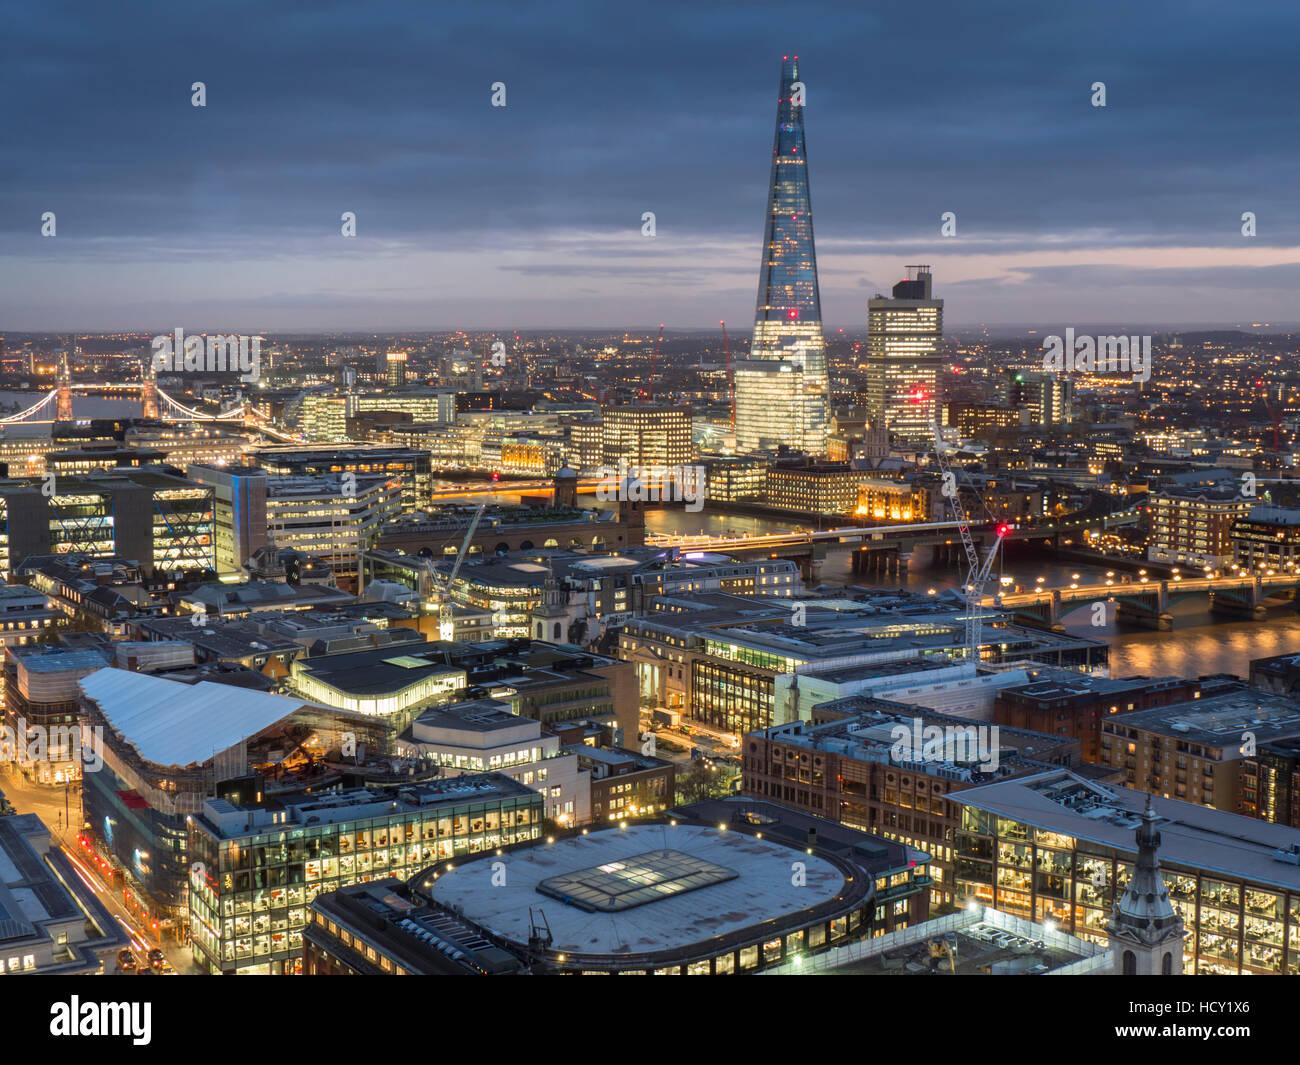 Cityscape with The Shard at dusk, London, UK - Stock Image